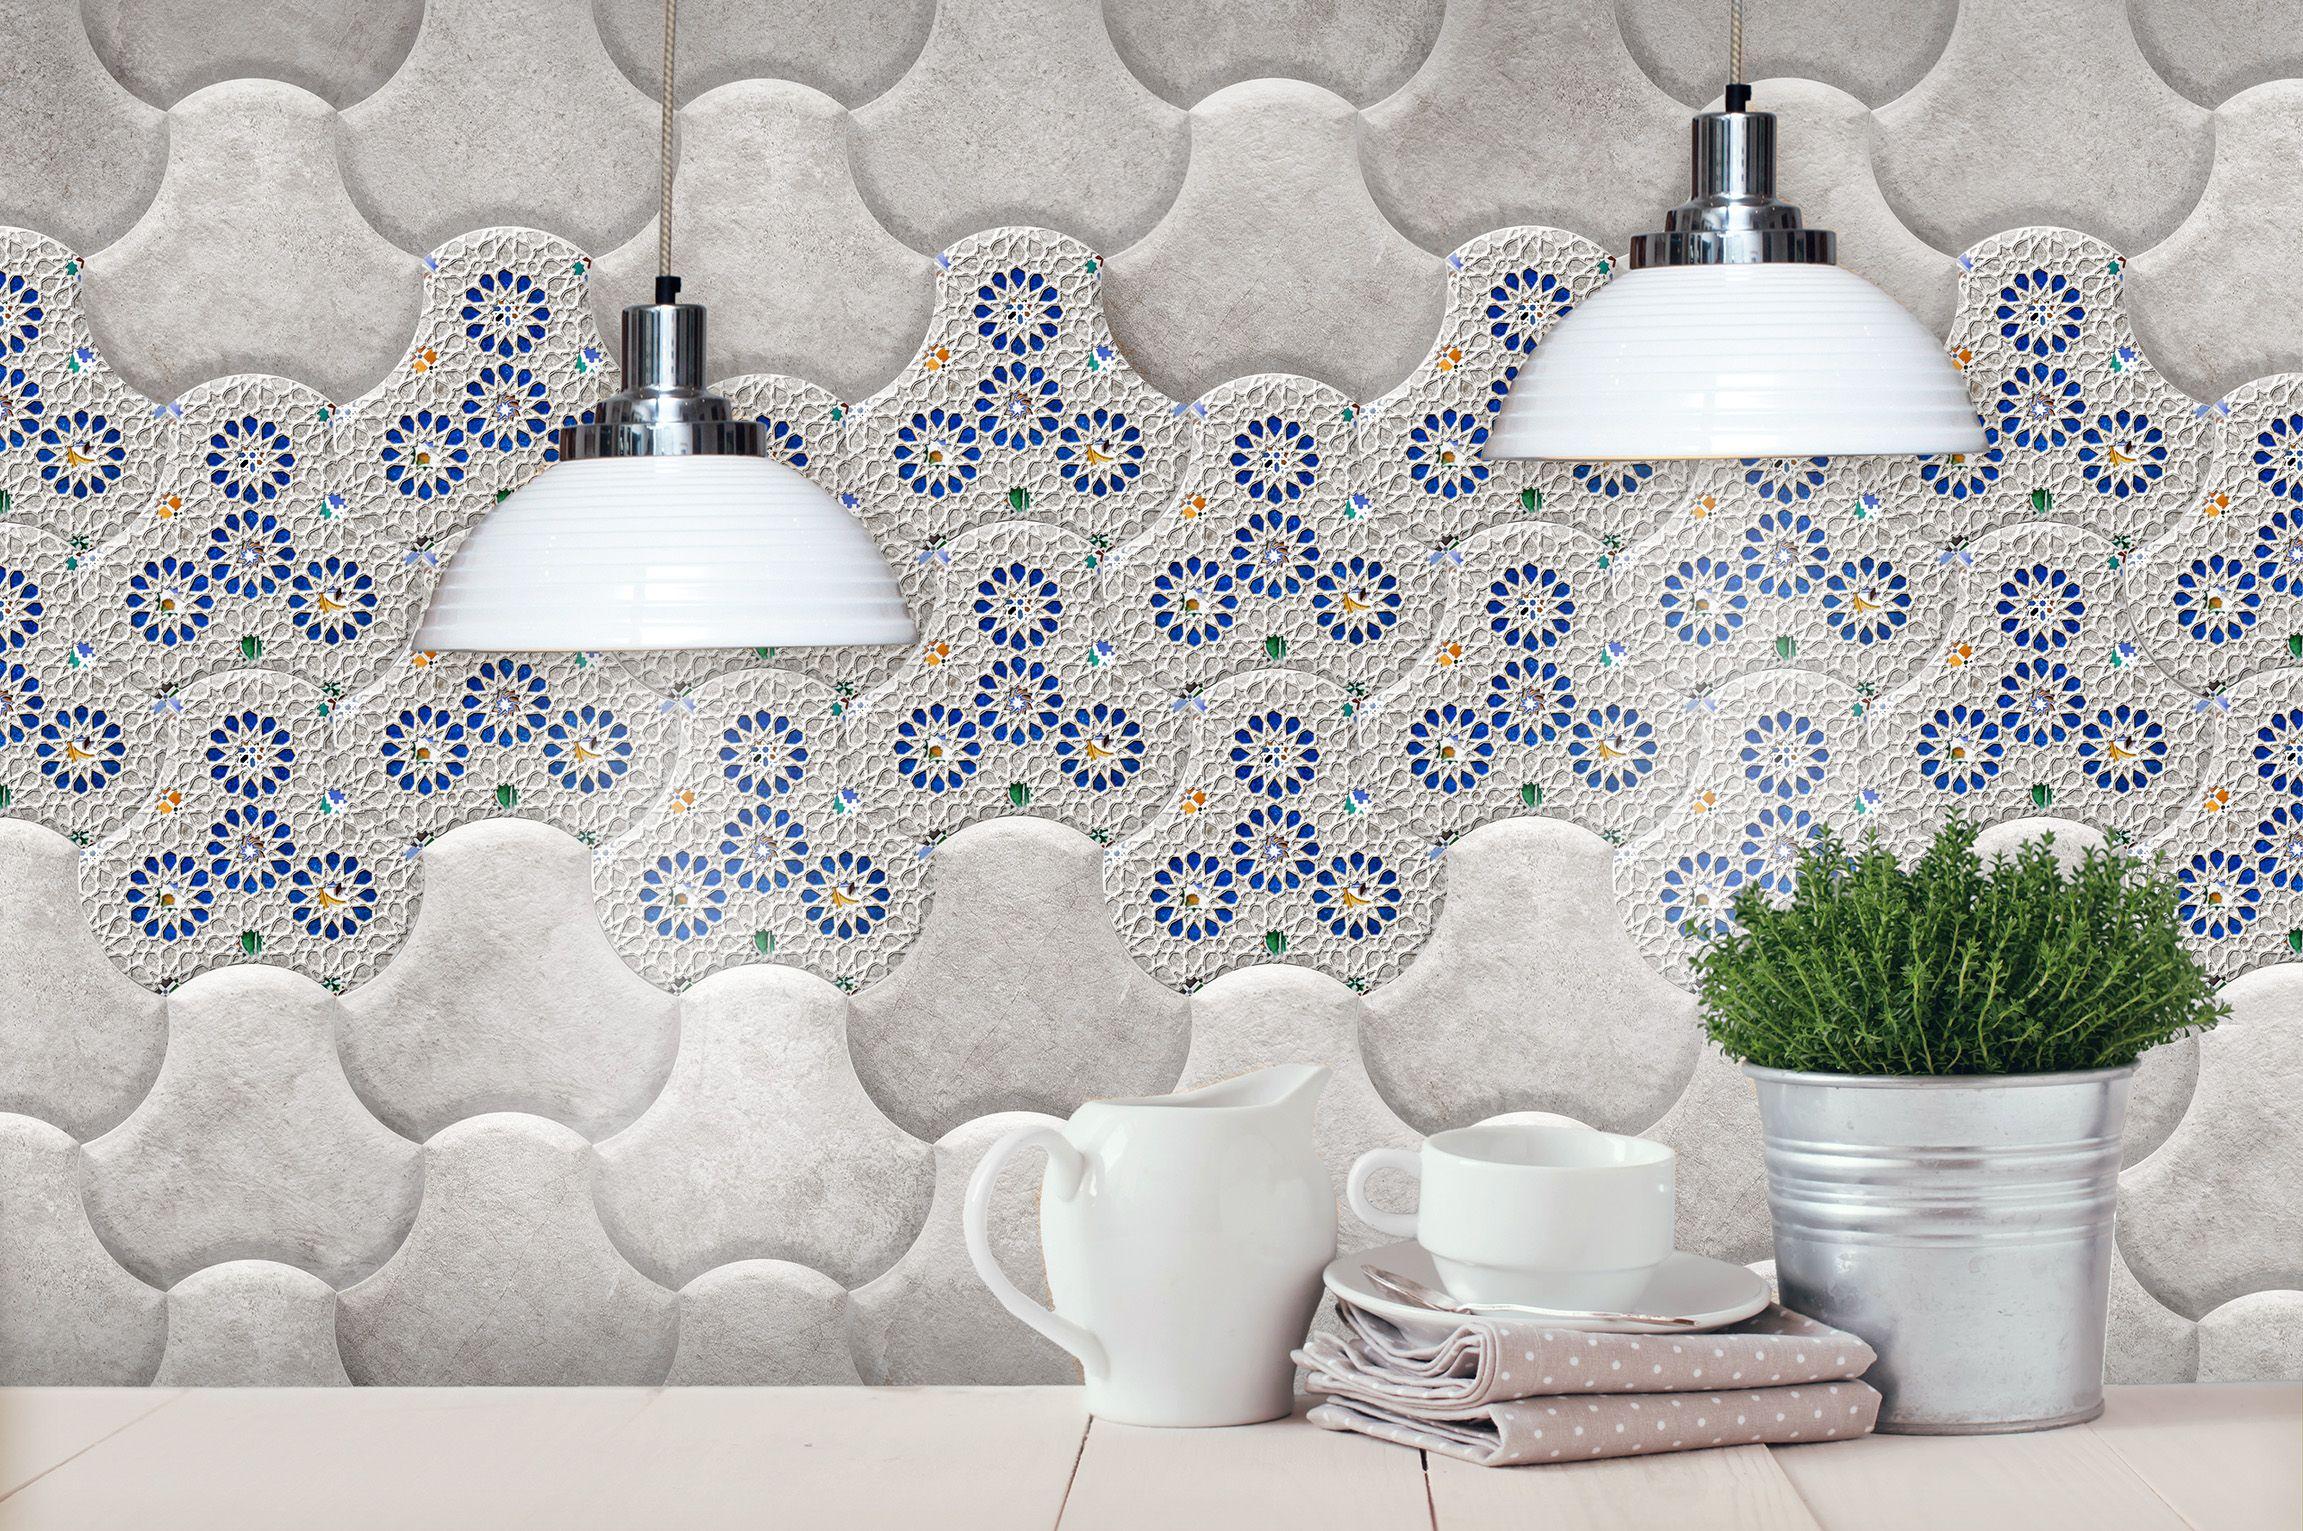 Ambient With Ceramic Reliefs With New Decoration And Effects In Colour Grey Ambiente Con Relieves Ceramicos Con Nuevos Efecto Azulejos Colores Grises Vidriado